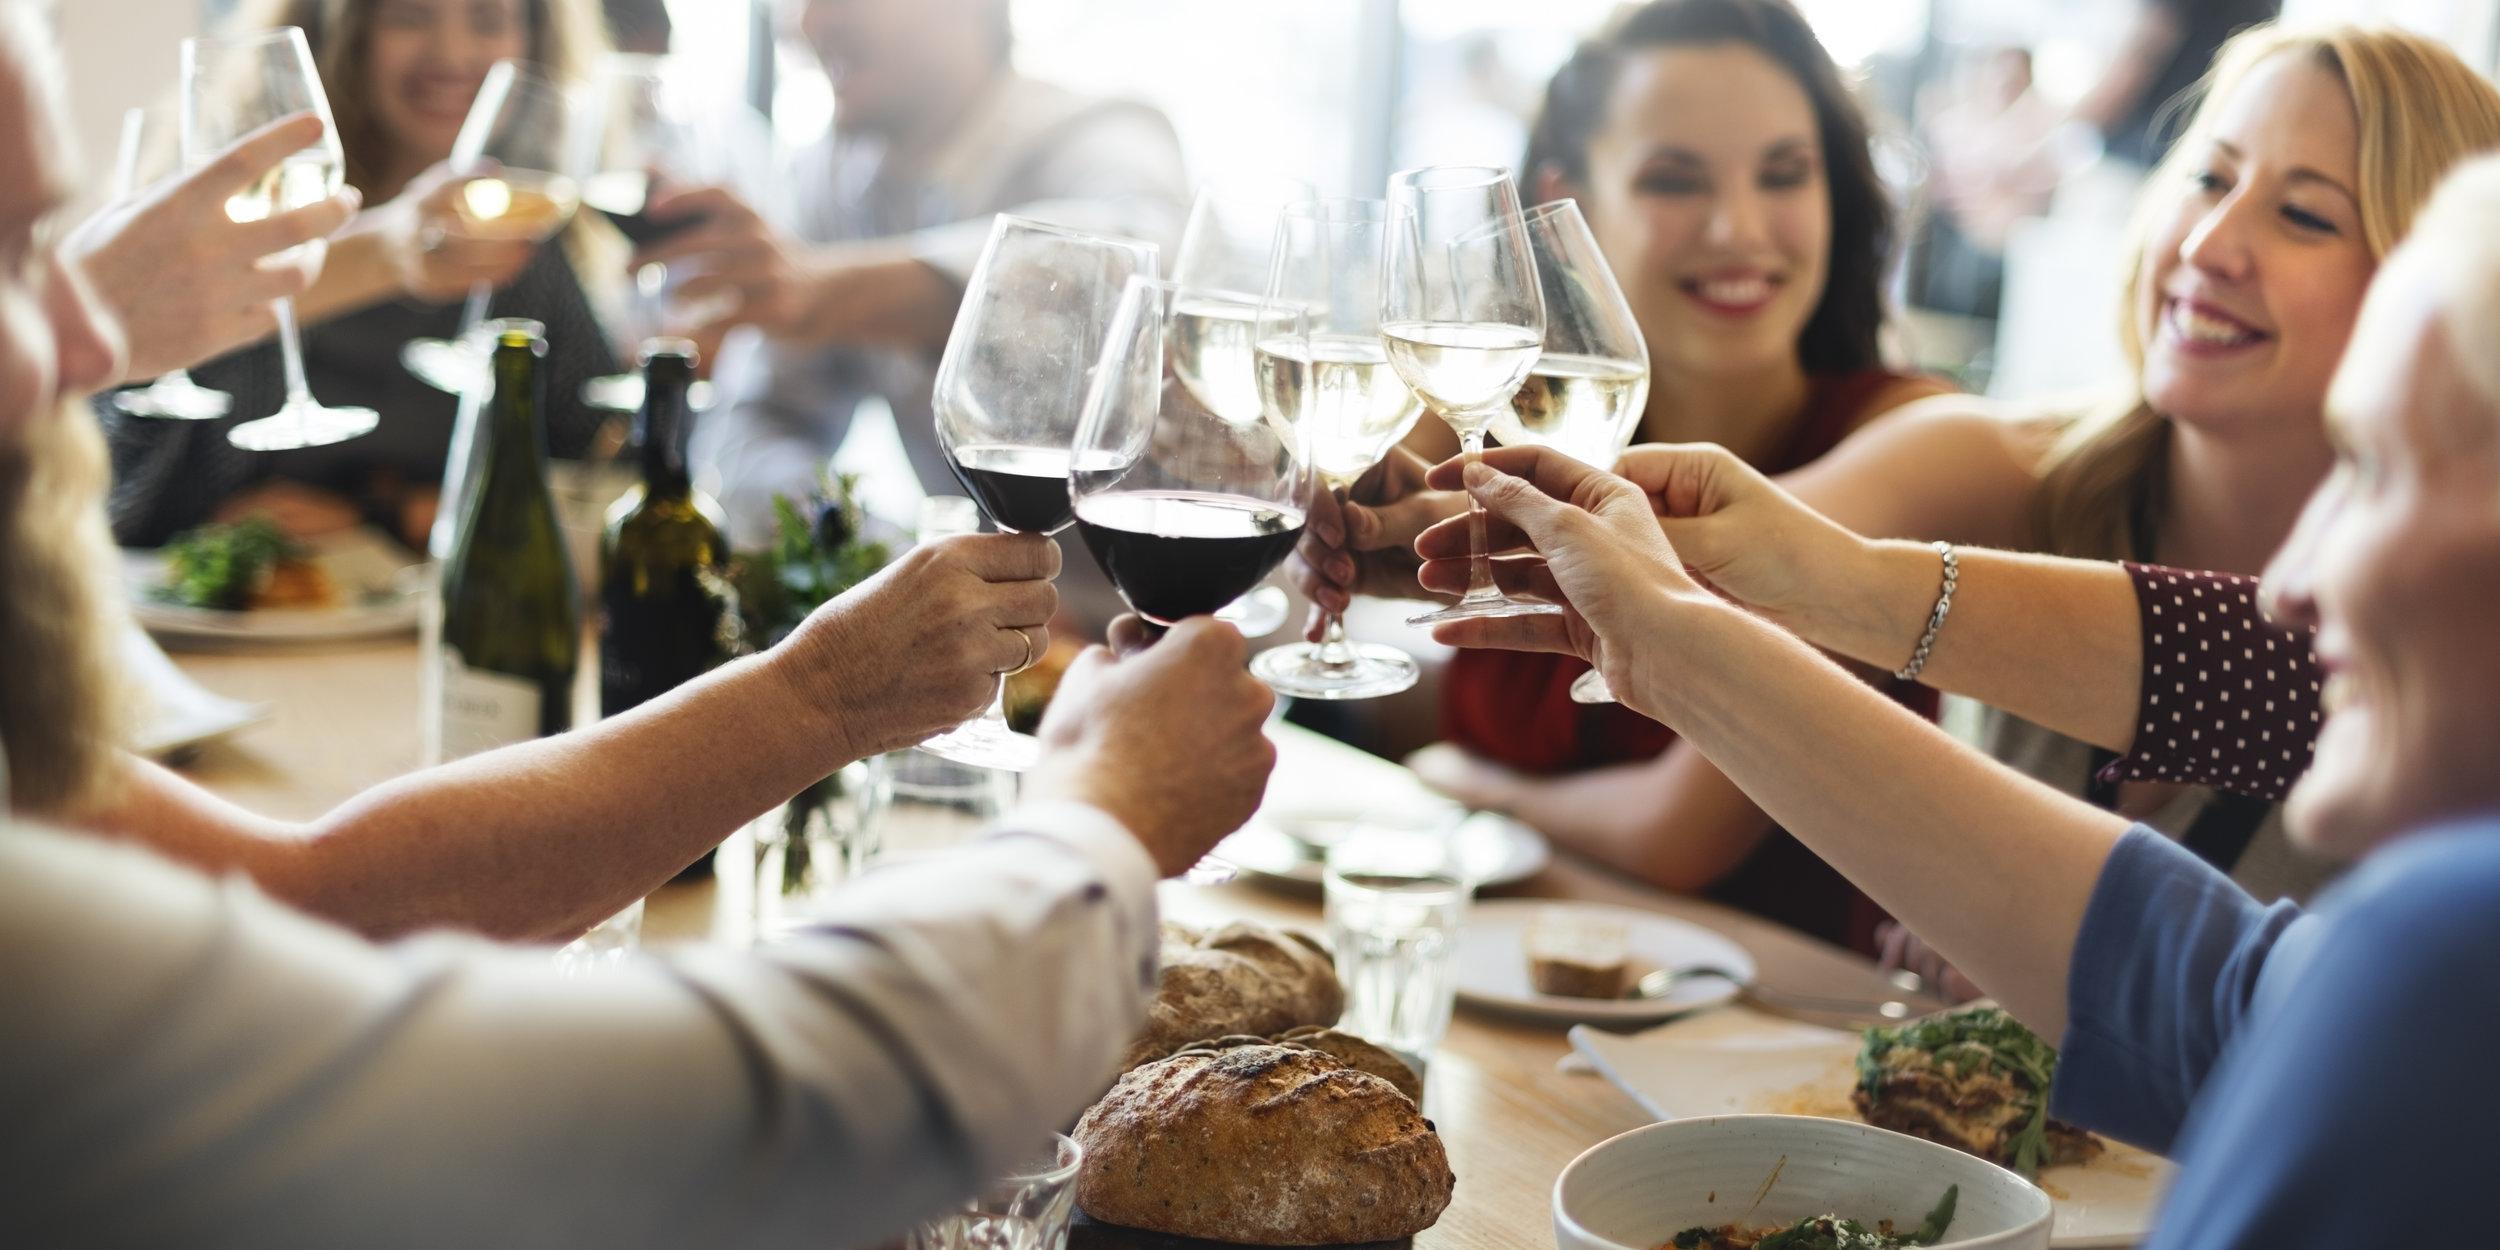 people_toasting_over_dinner.jpg